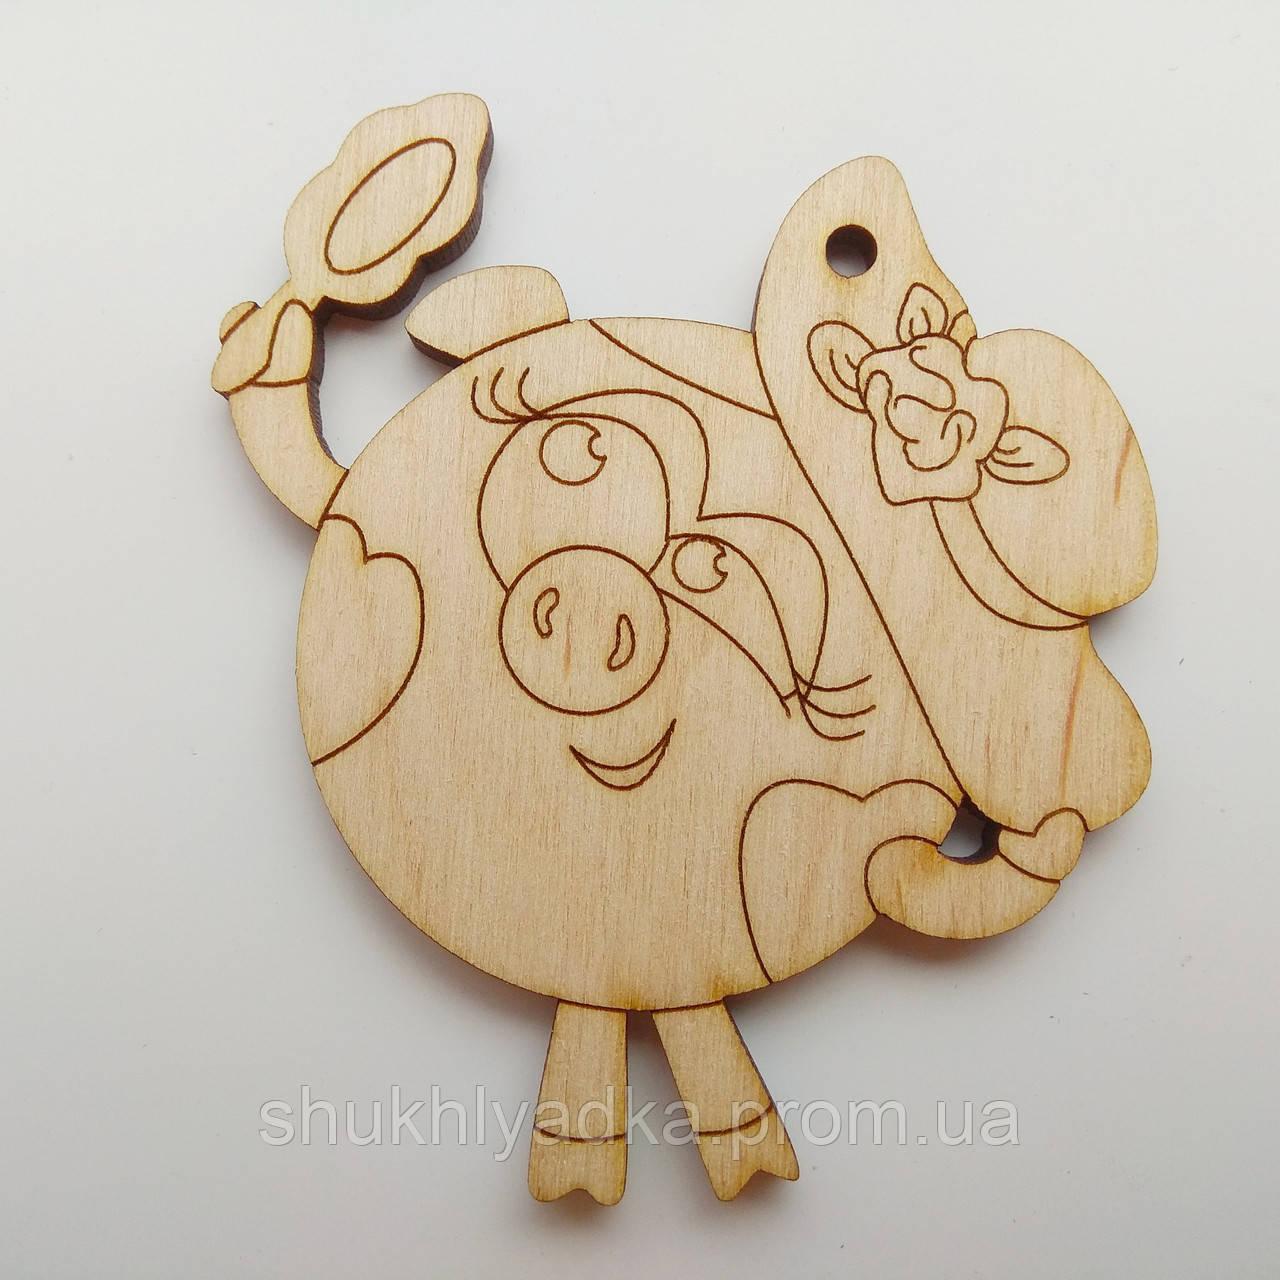 Новогодняя деревянная елочная игрушка Свинка смешарик_деревянная заготовка_Новый год